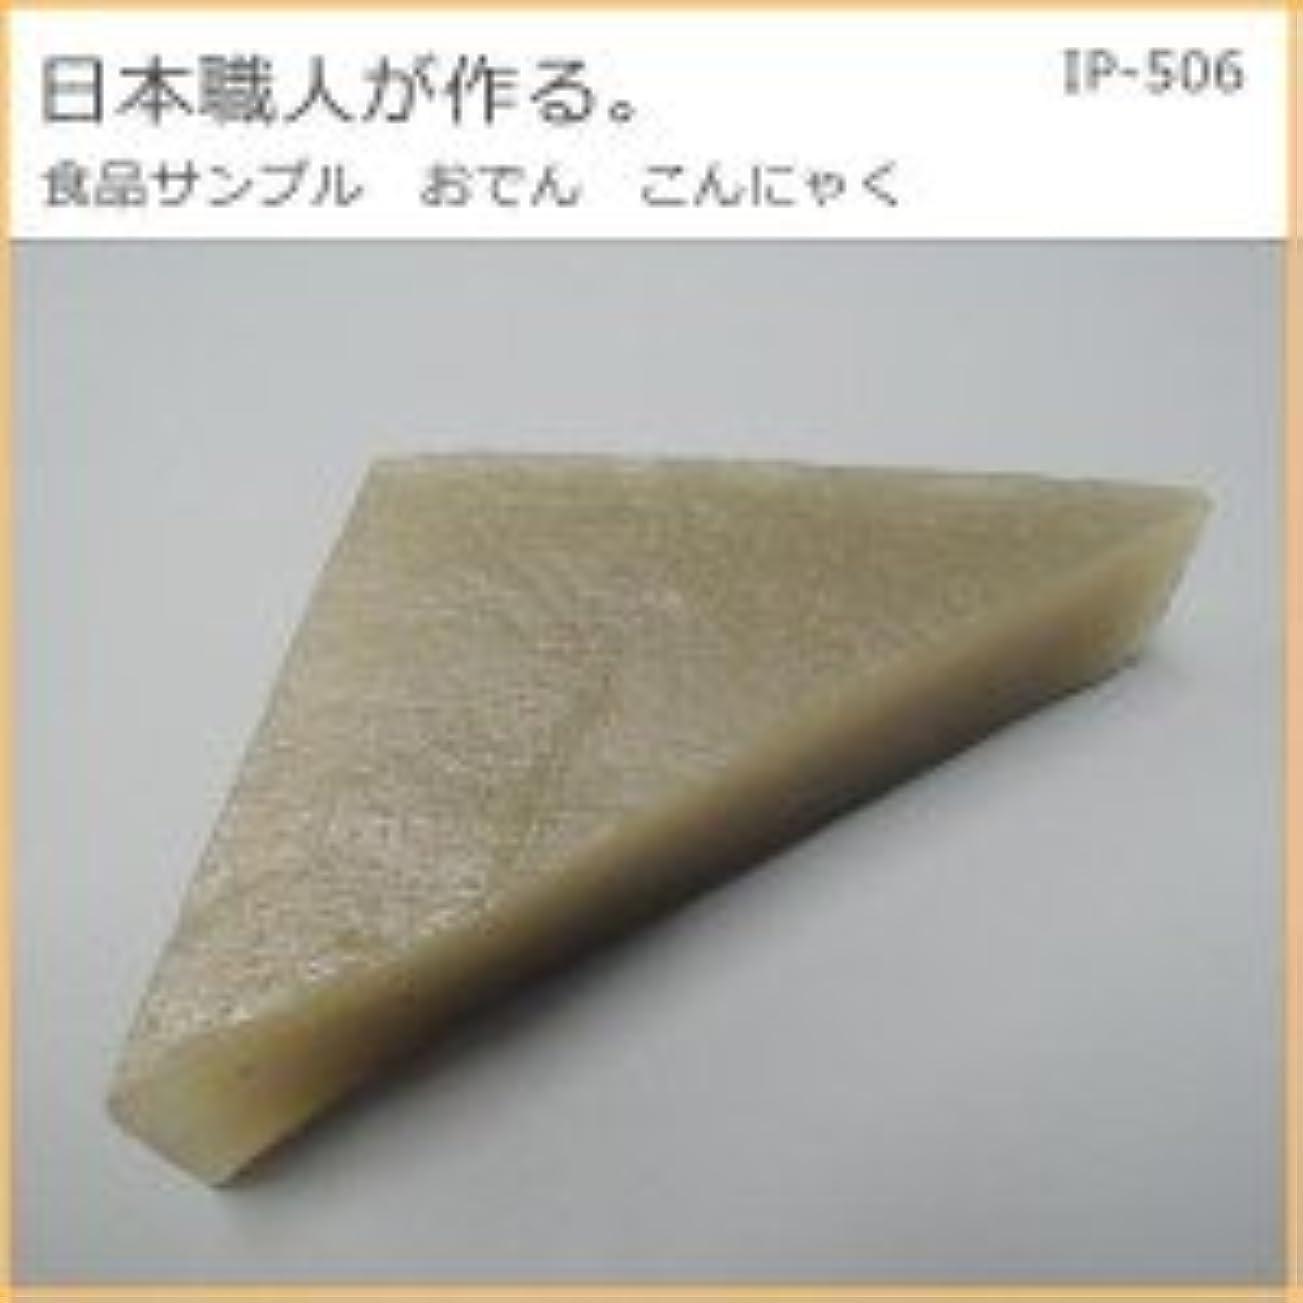 少数髄政治家日本職人が作る 食品サンプル おでん こんにゃく IP-506